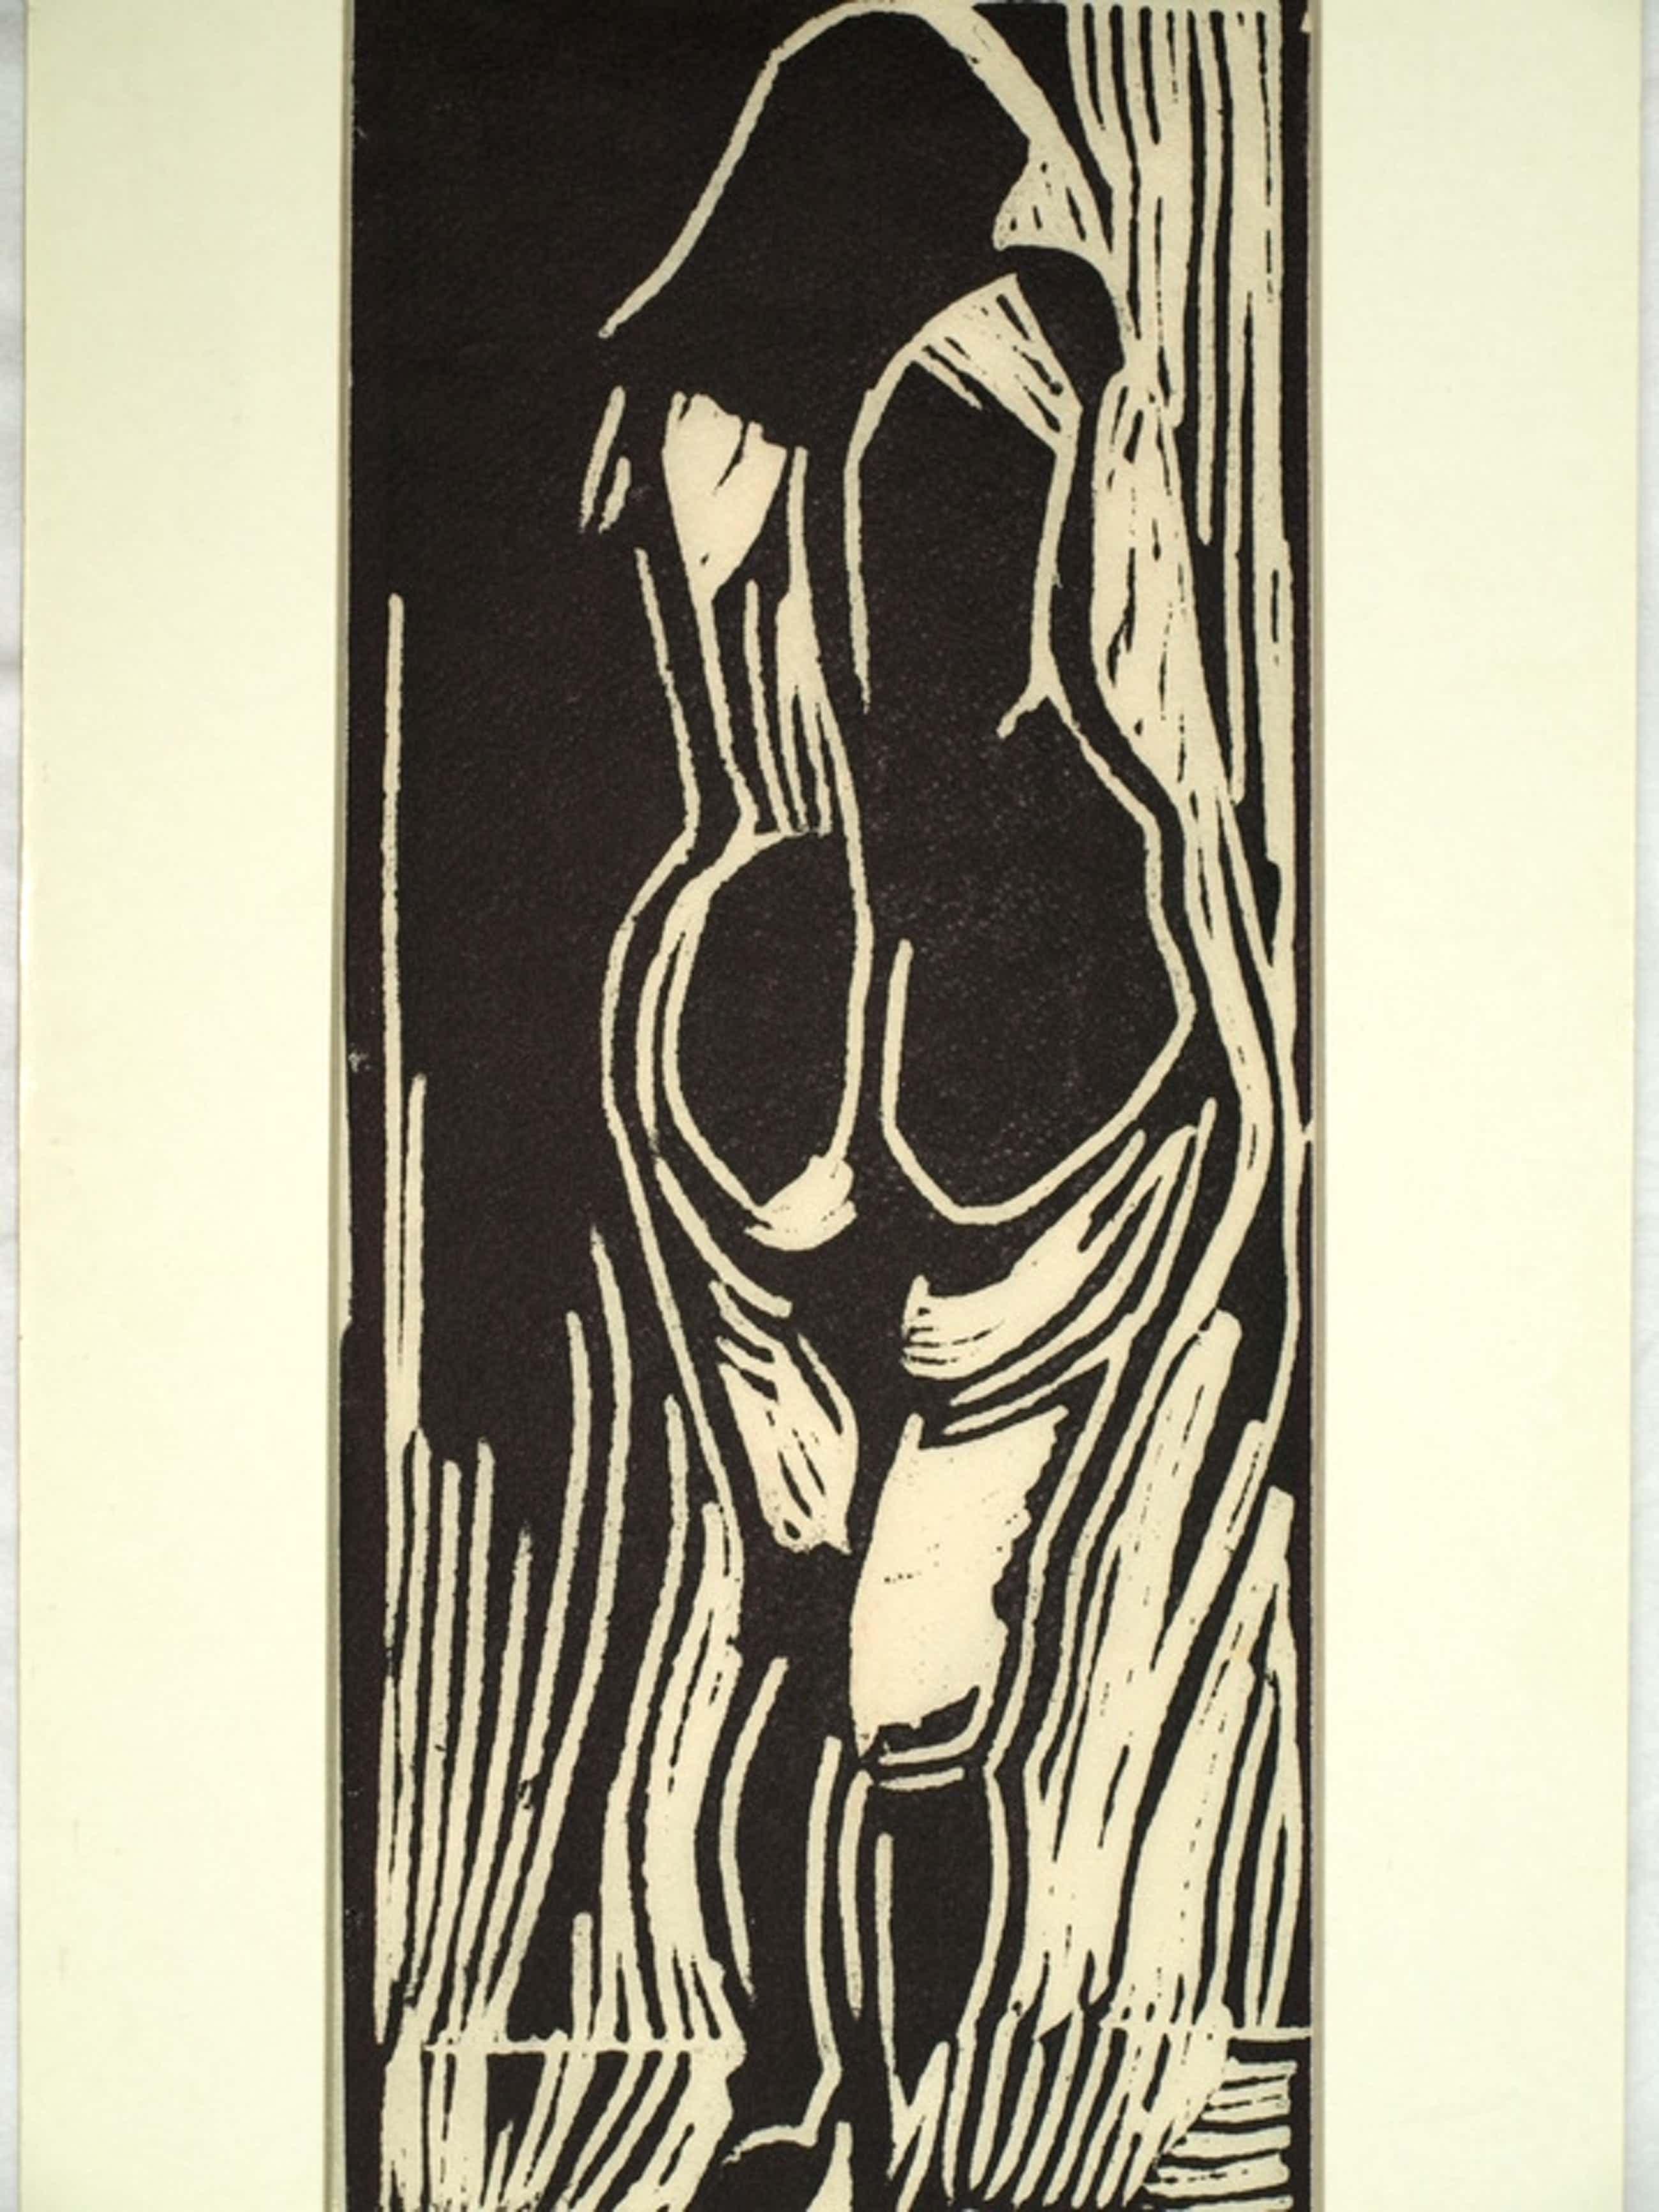 Piet Wiegman (1930-2008) – Houtsnede  – Vrouw – Gesigneerd  kopen? Bied vanaf 40!